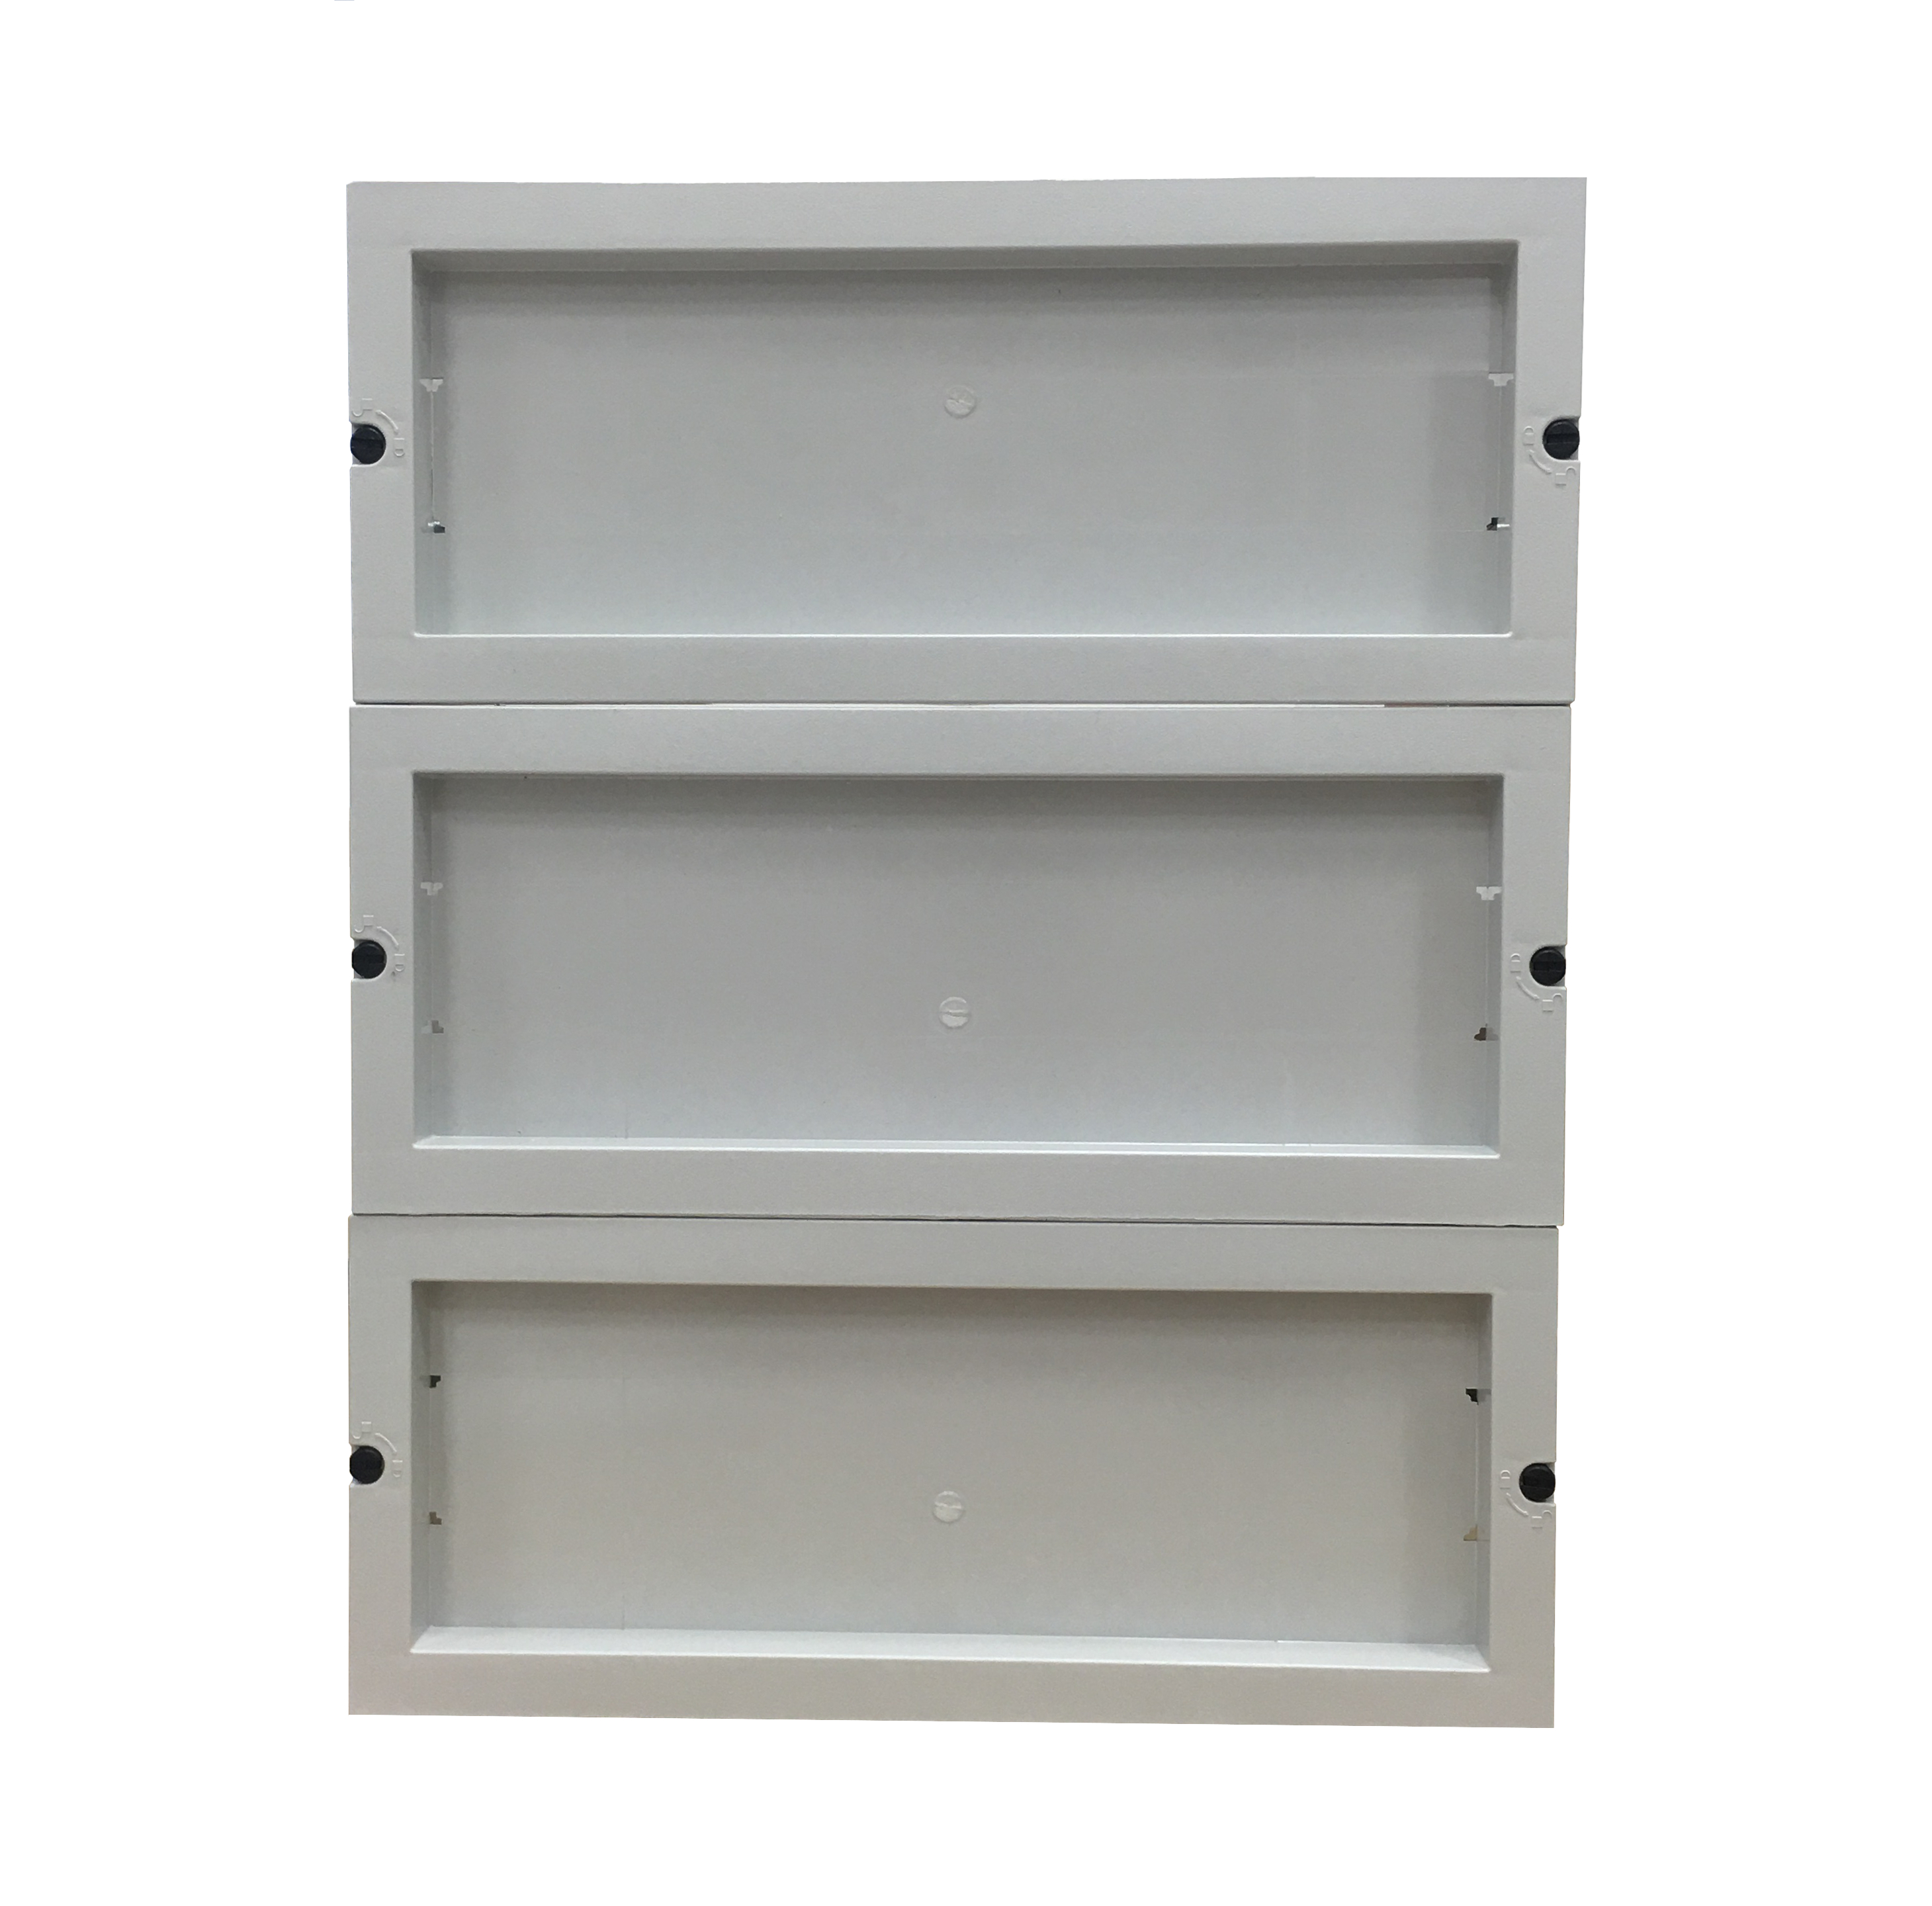 1 Stk Installationseinsatz für 400x300 2x12TE IMCH0043--